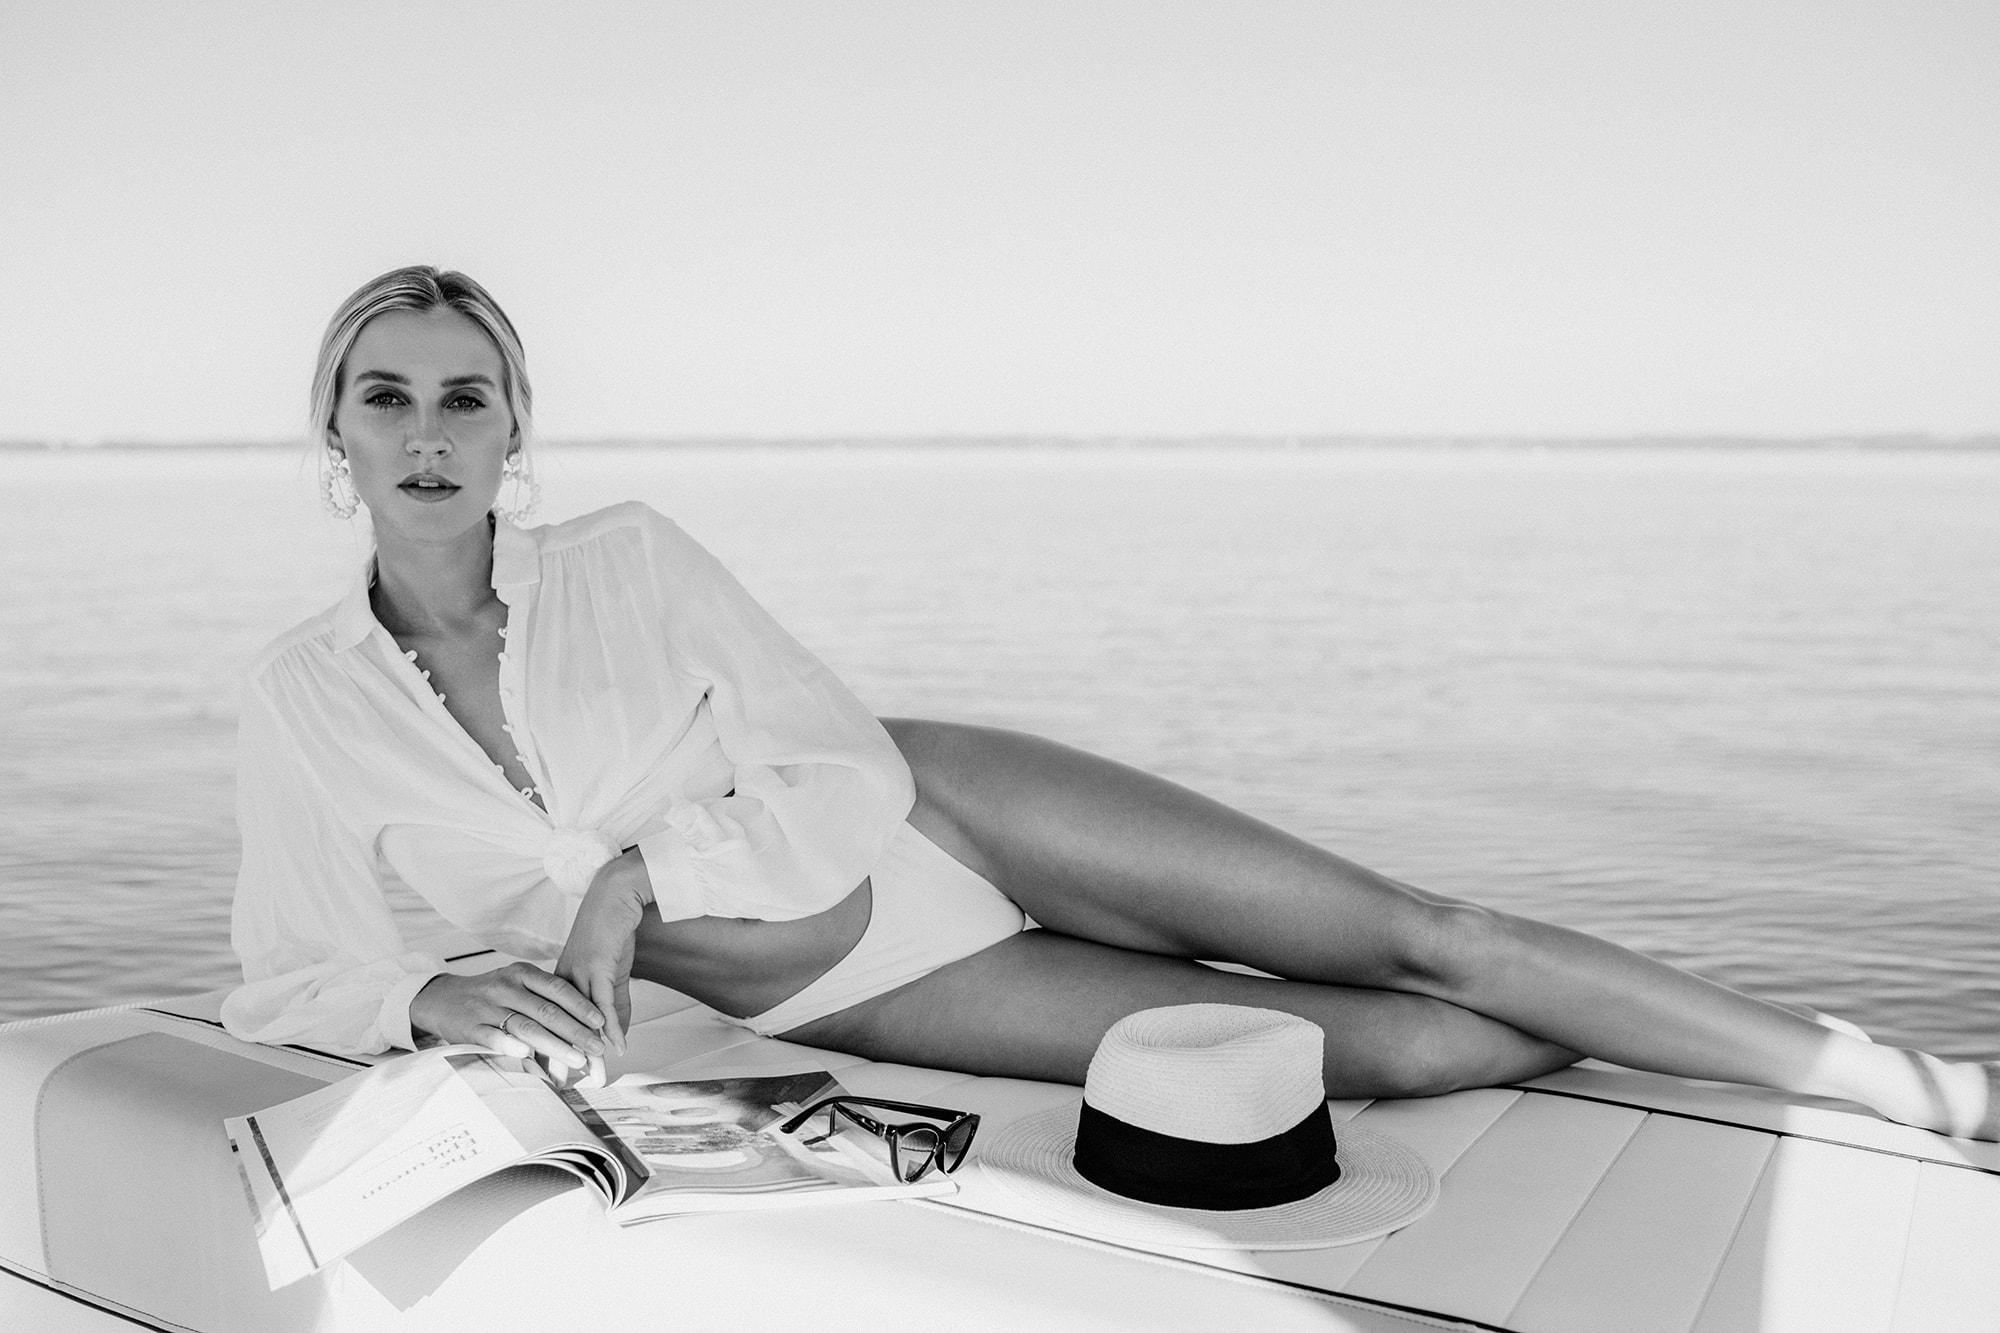 Fashion-Editorial-Fotograf-Anna-Fichtner-Einbaum-Fotografen-Agentur-Repraesentanz-b-72